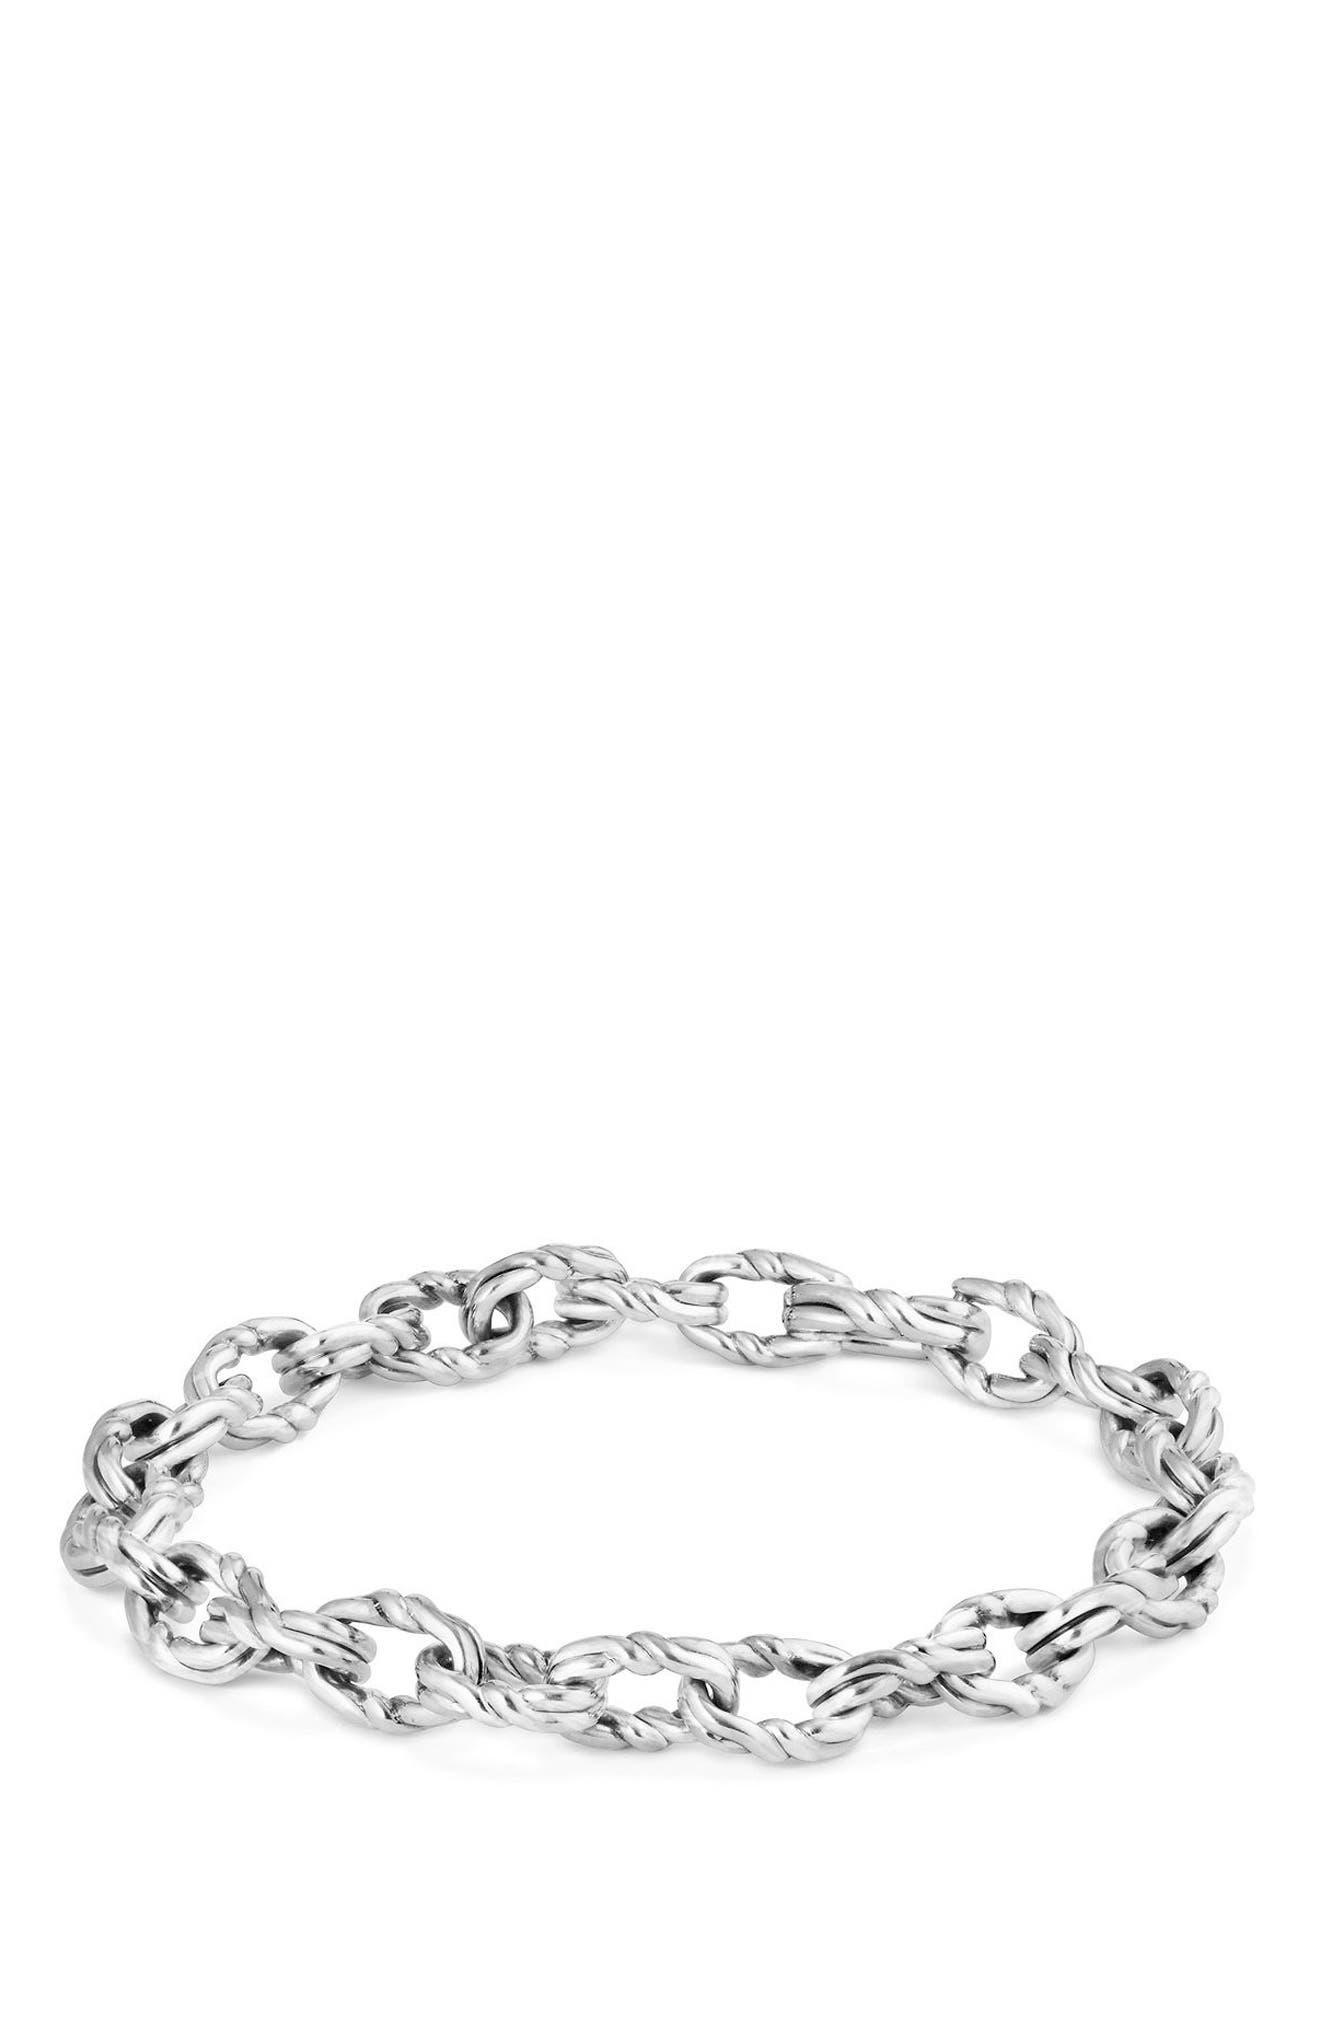 Continuance Chain Bracelet,                             Main thumbnail 1, color,                             Silver